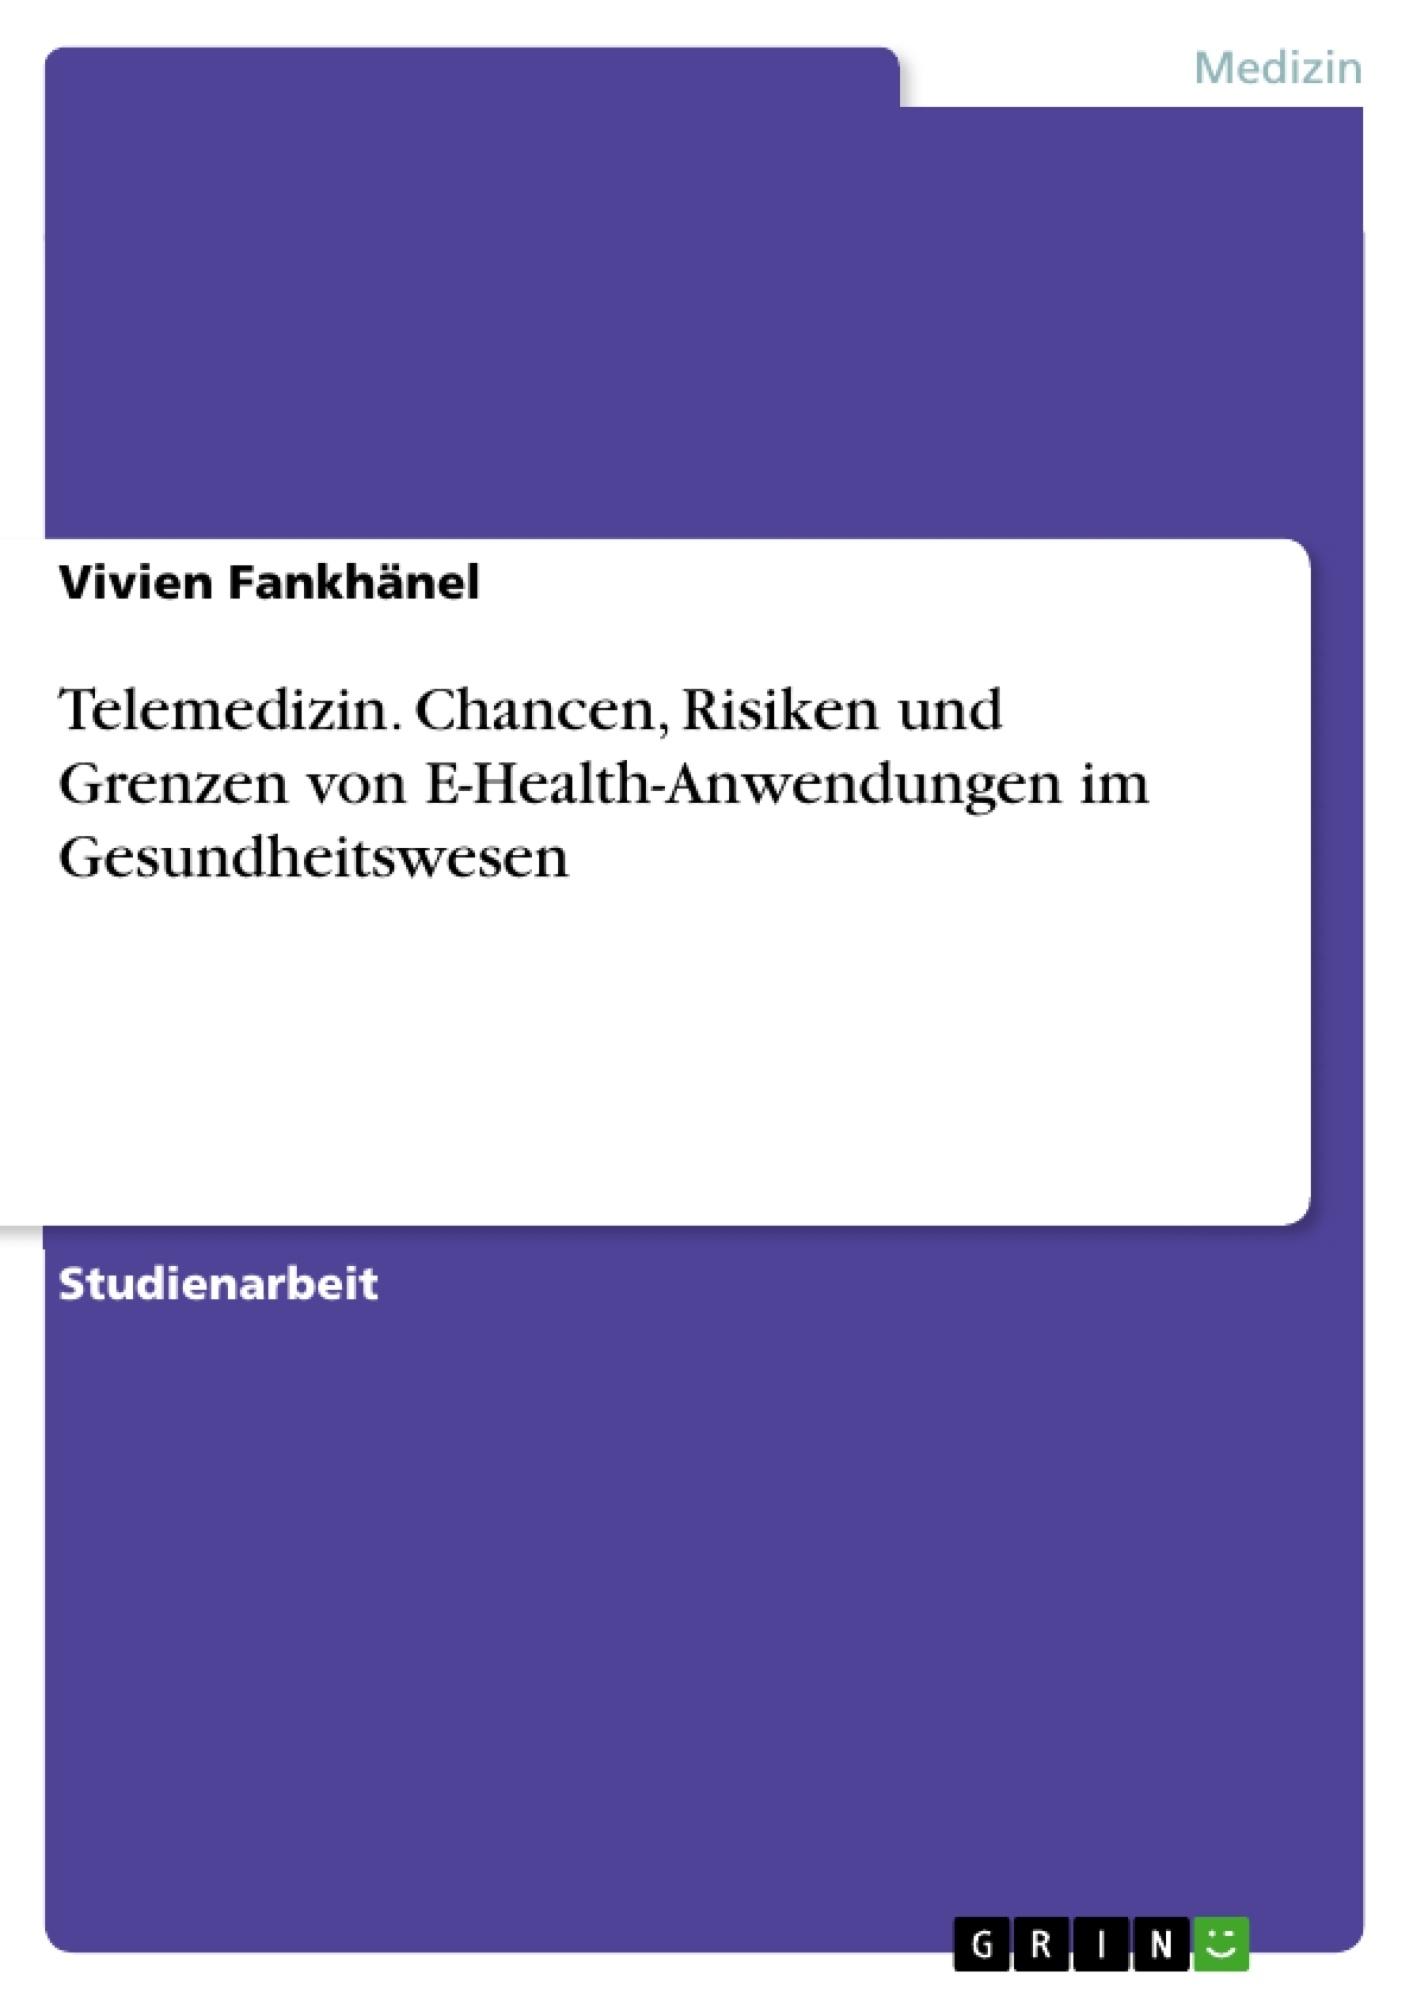 Titel: Telemedizin. Chancen, Risiken und Grenzen von E-Health-Anwendungen im Gesundheitswesen